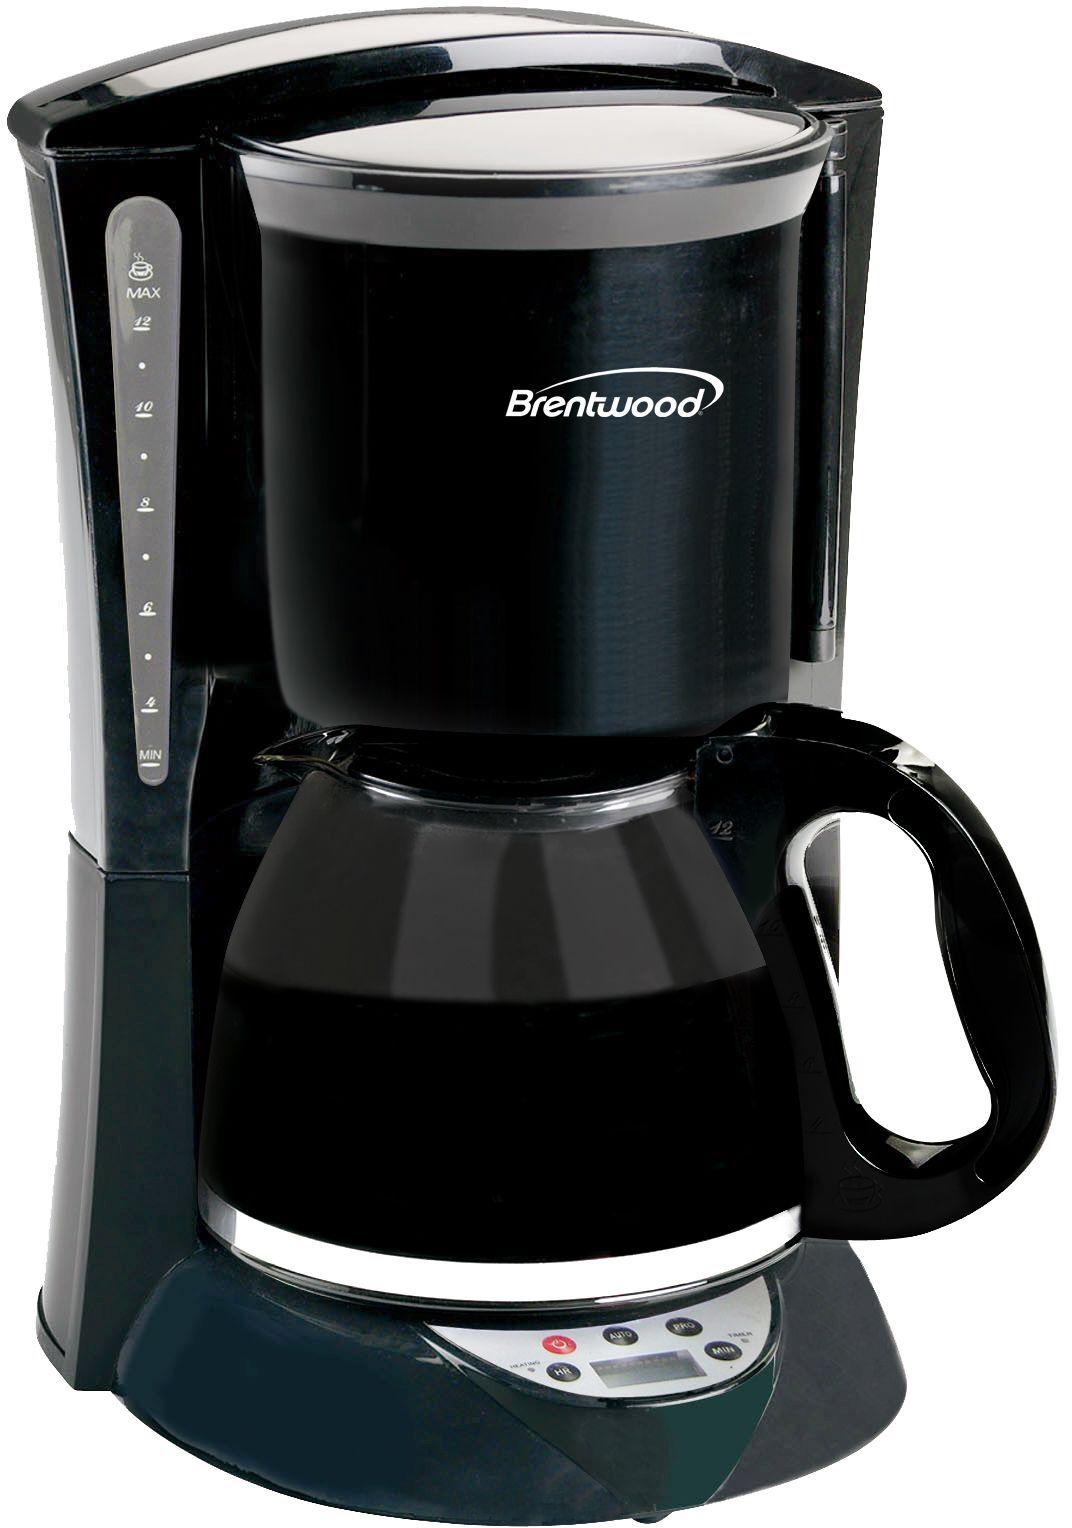 Brentwood Appliances Digital Coffee Maker Coffee maker